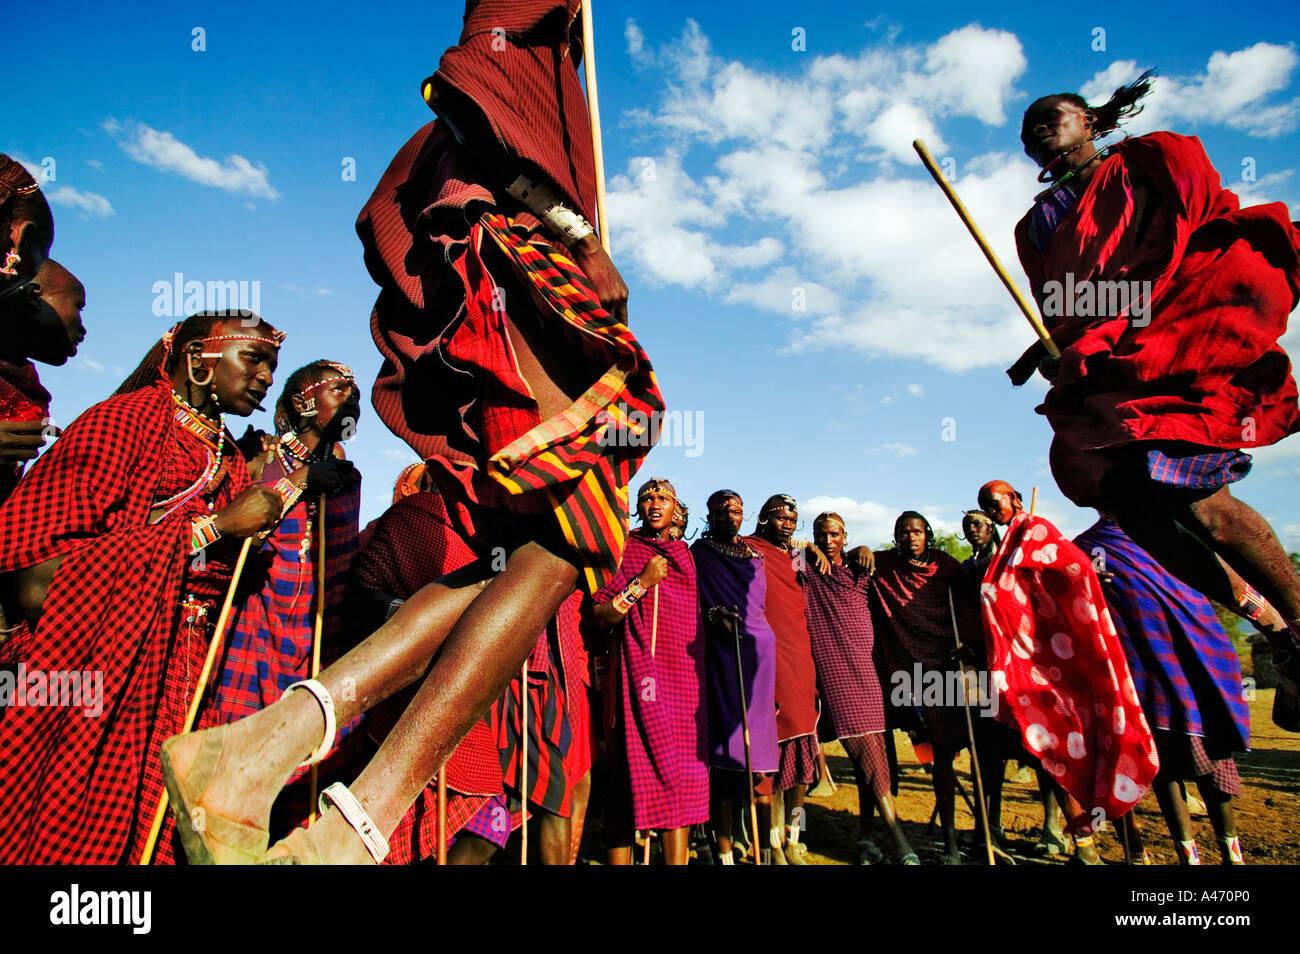 Massai Krieger Springen Sprung In Die Luft Zu Demonstrieren Starke